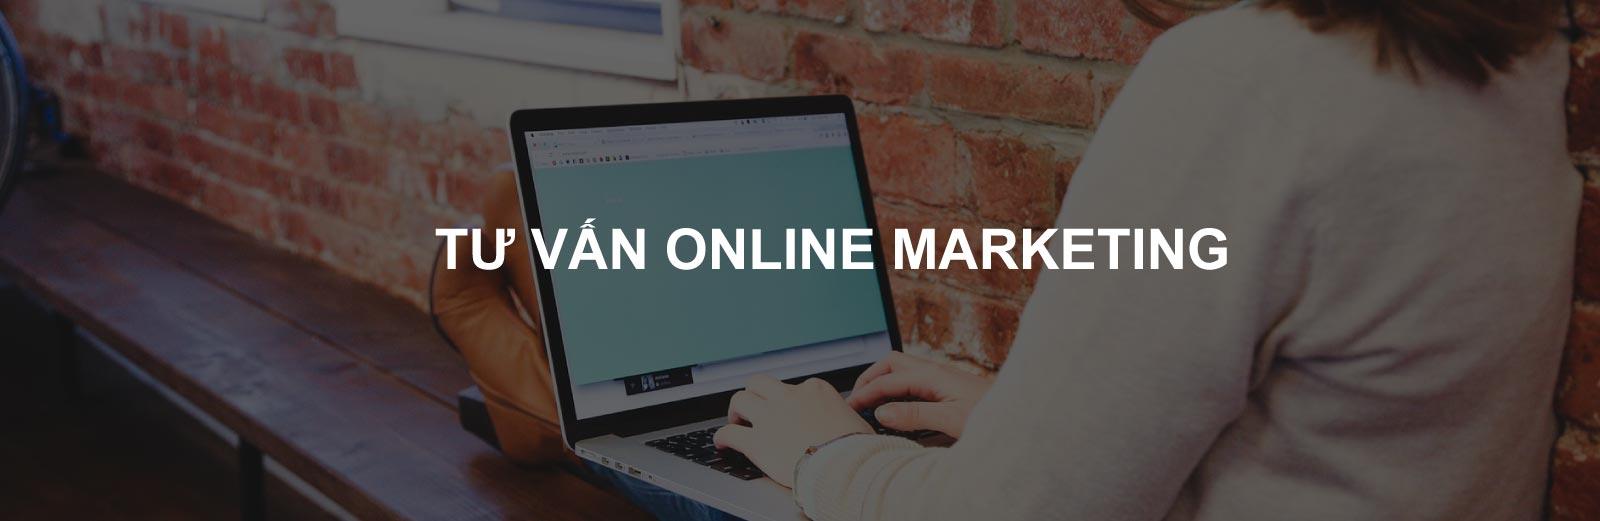 Tư vấn online marketing tổng thể